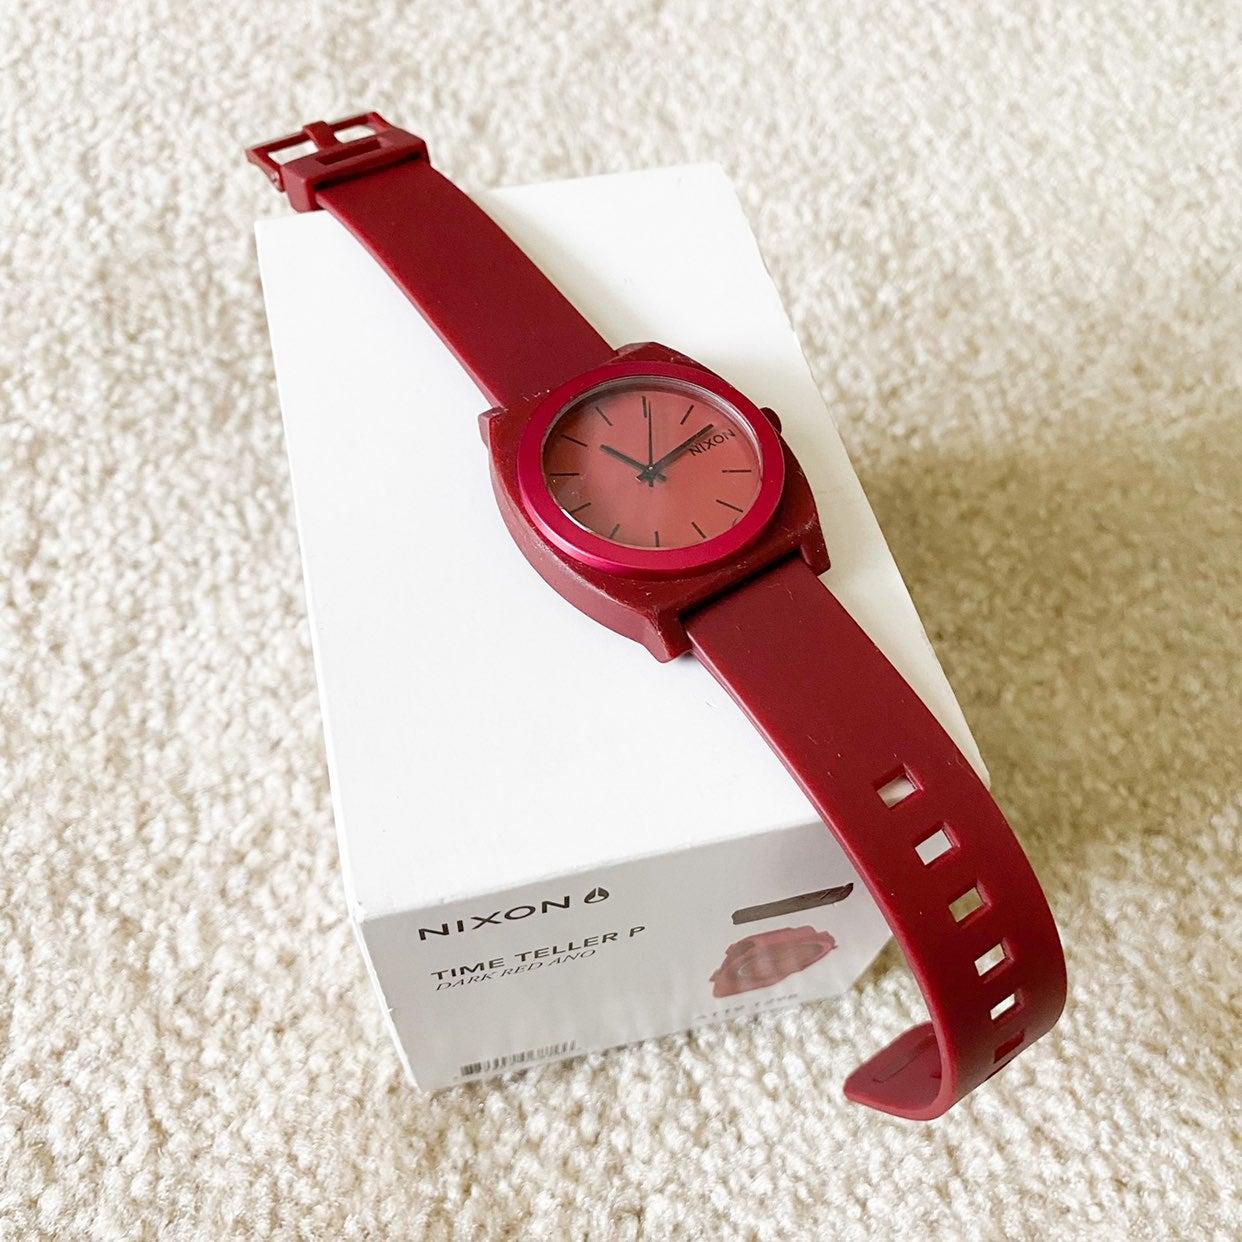 Nixon Pink Red Time Teller Watch